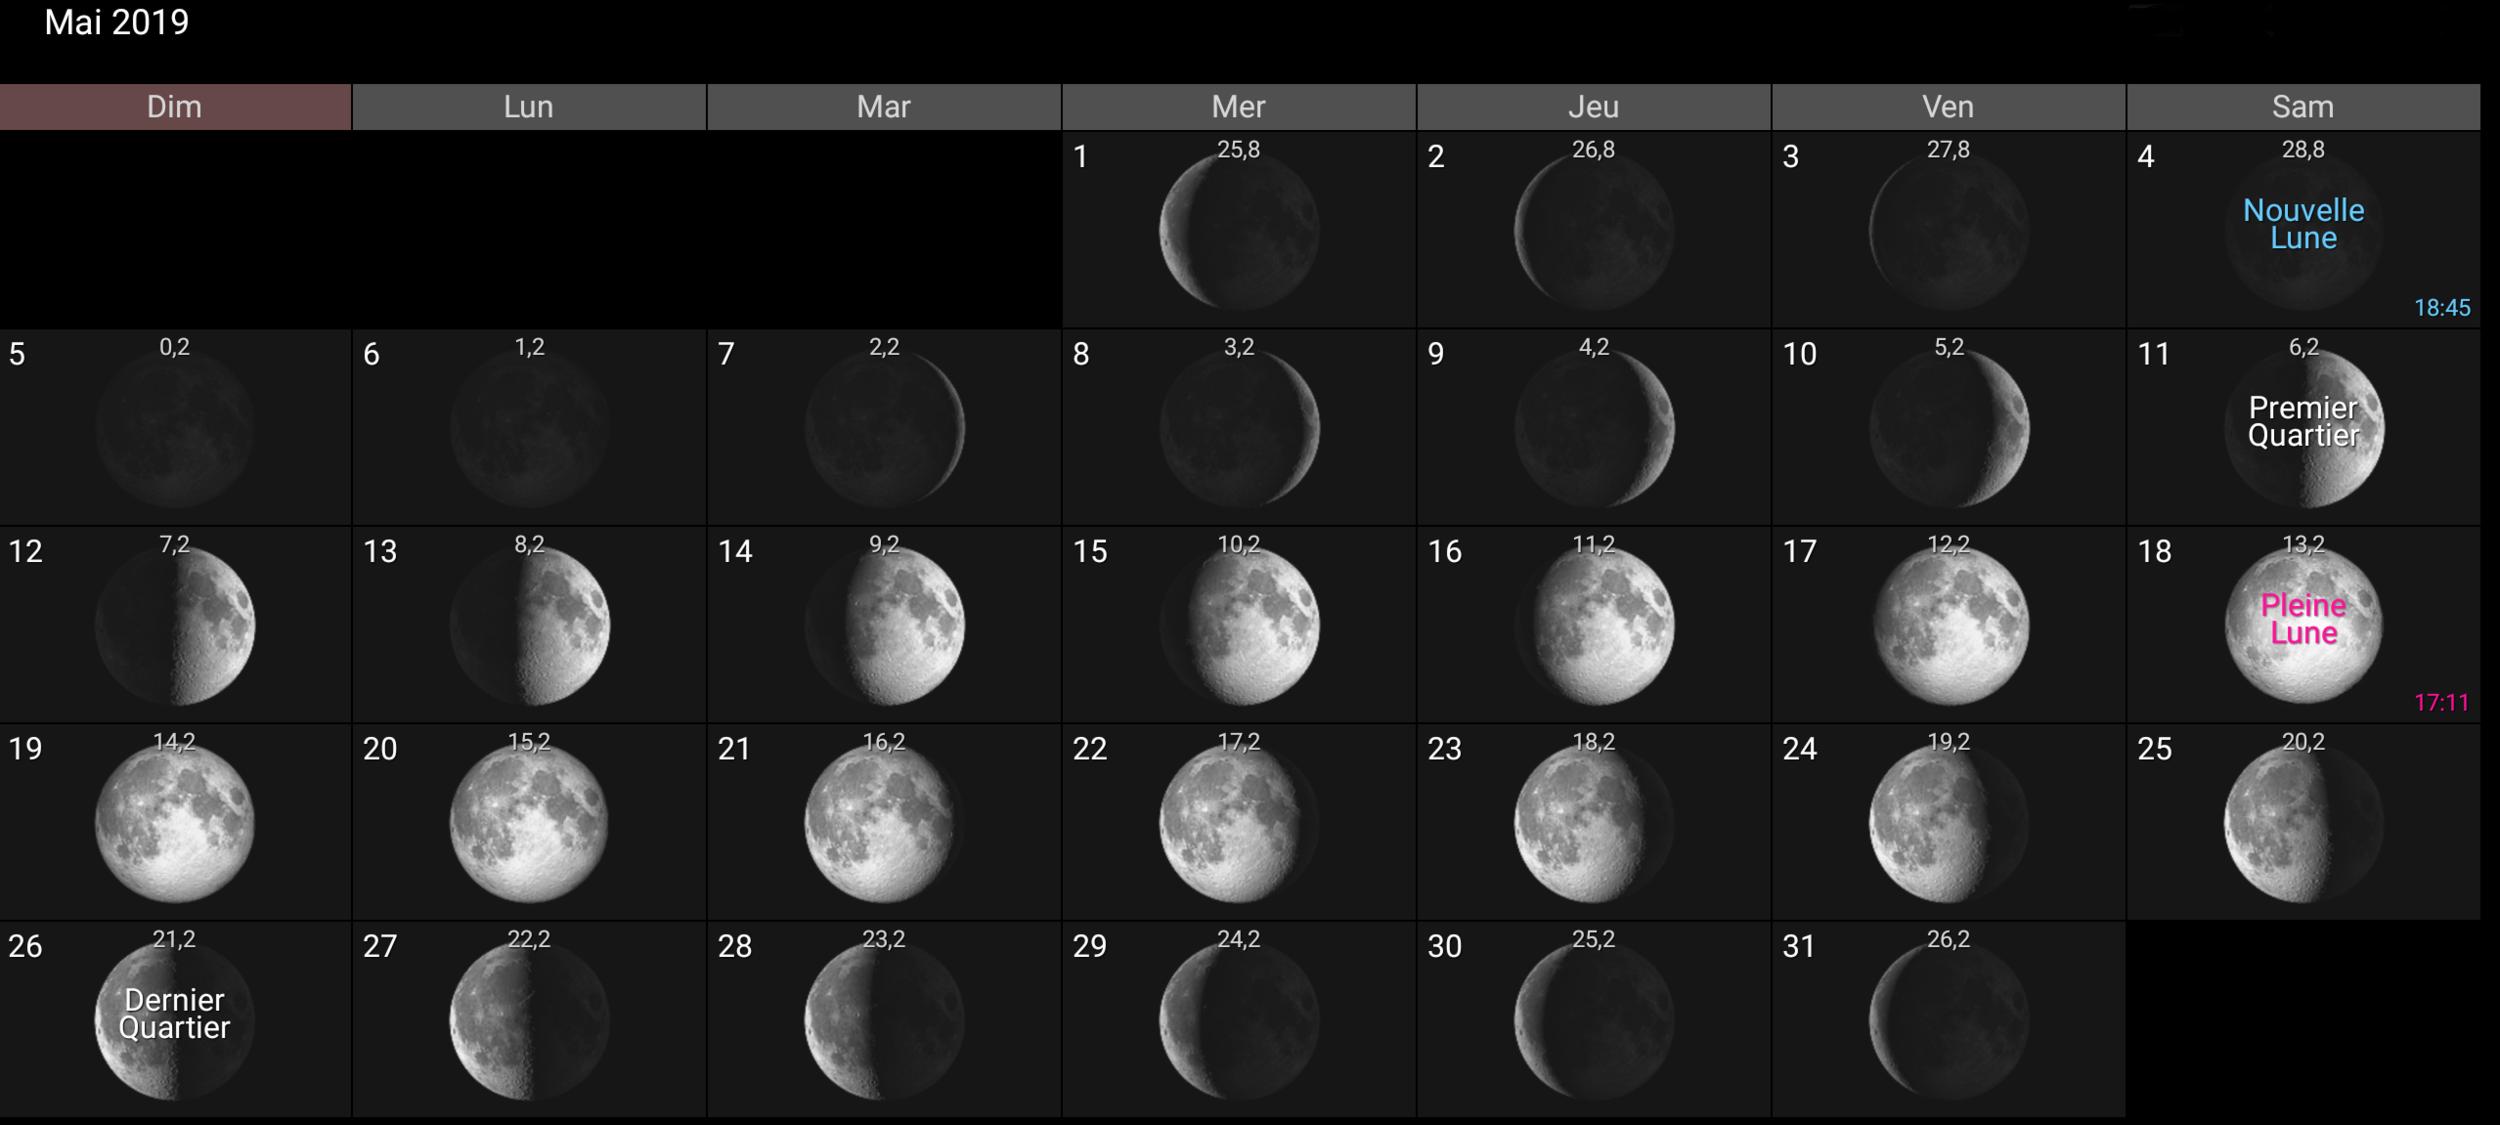 Les phases de la Lune pour de mai 2019